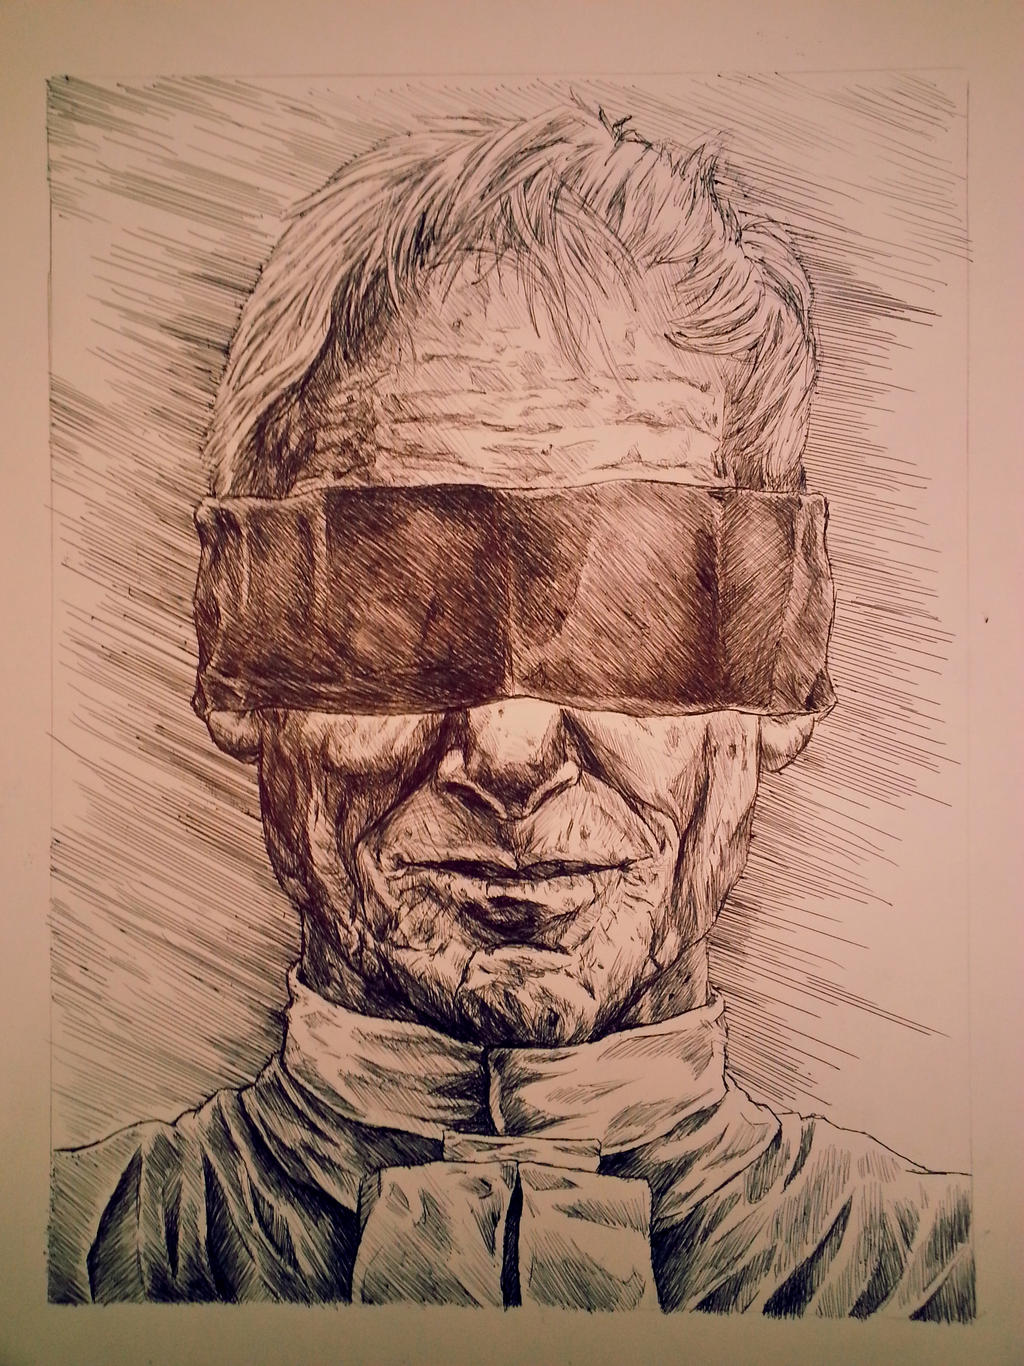 The Minister's Black Veil by Bonesaw999 on DeviantArt